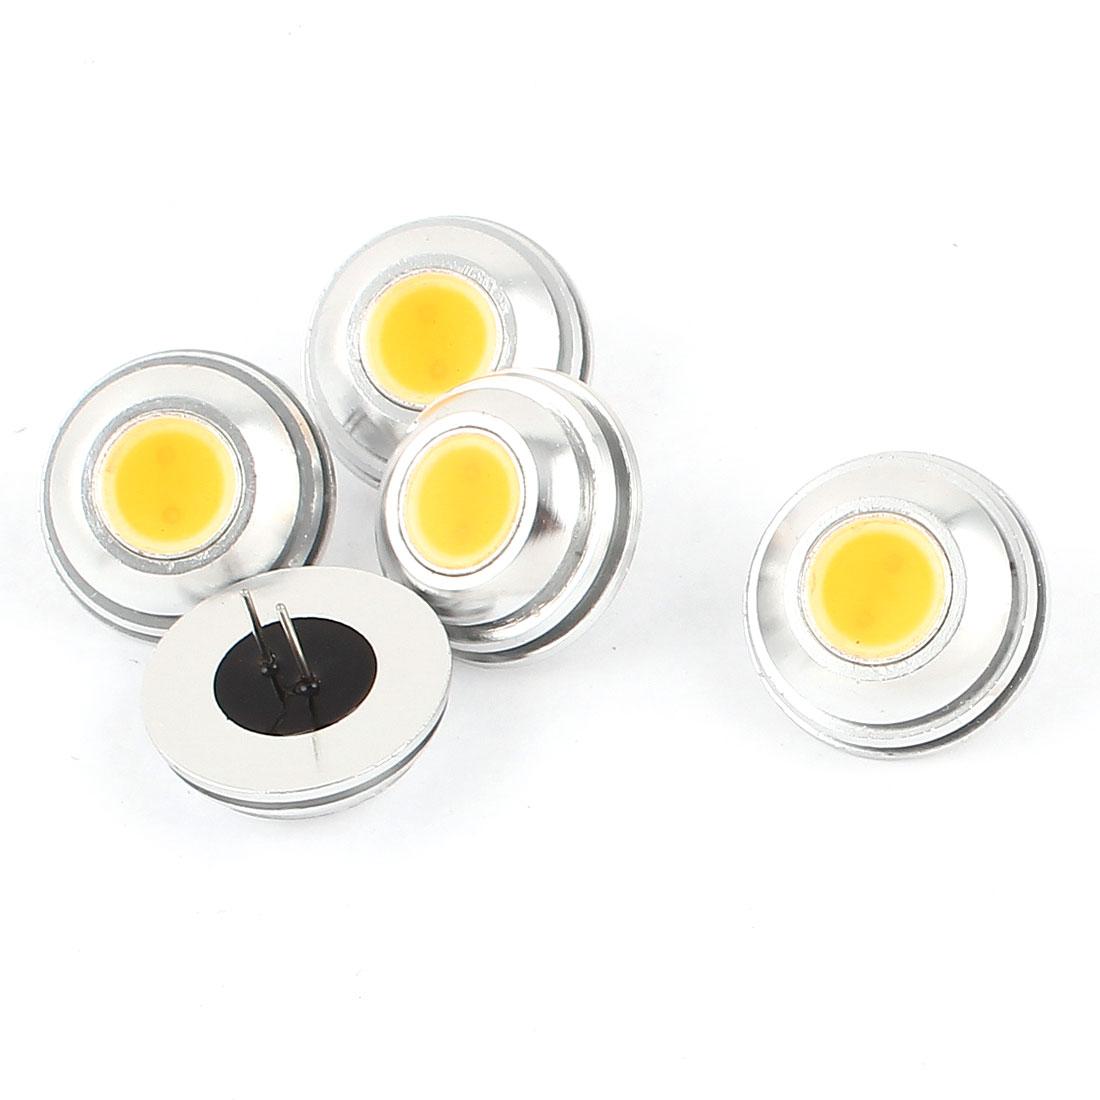 5 Pcs Energy Saving G4 5D 2W LED Bulb Lamp Light Warm White